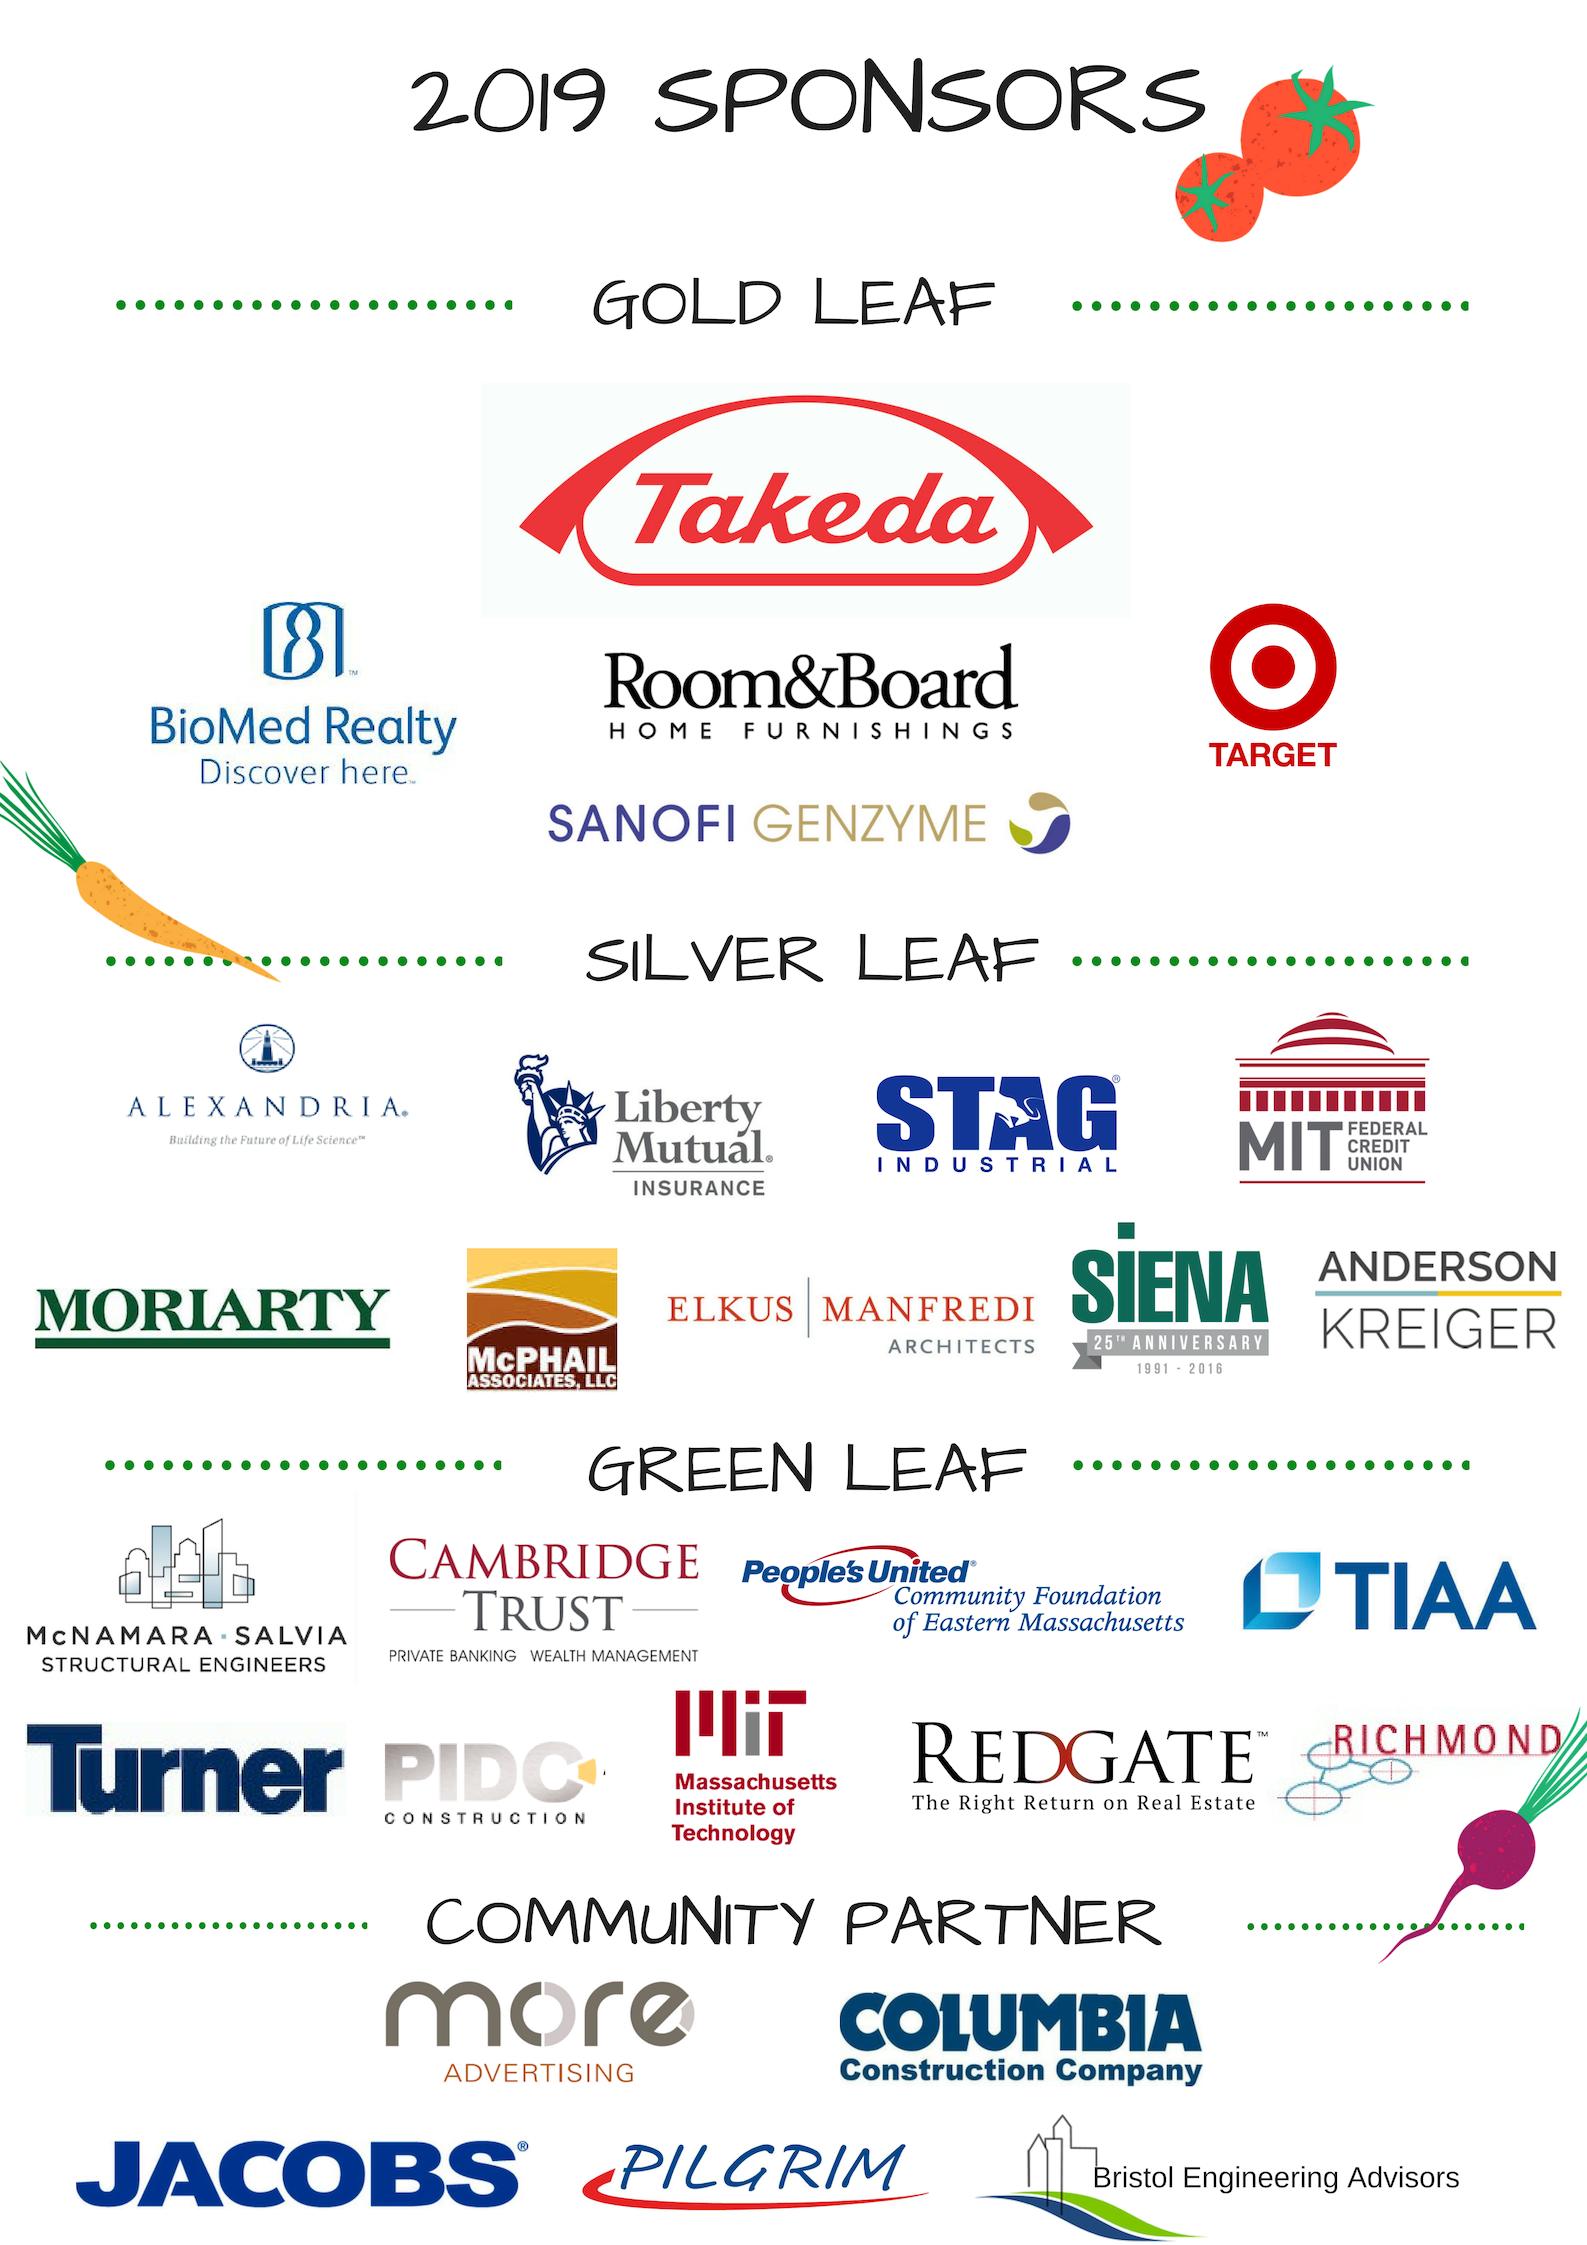 2019 Sponsors 3-25.png